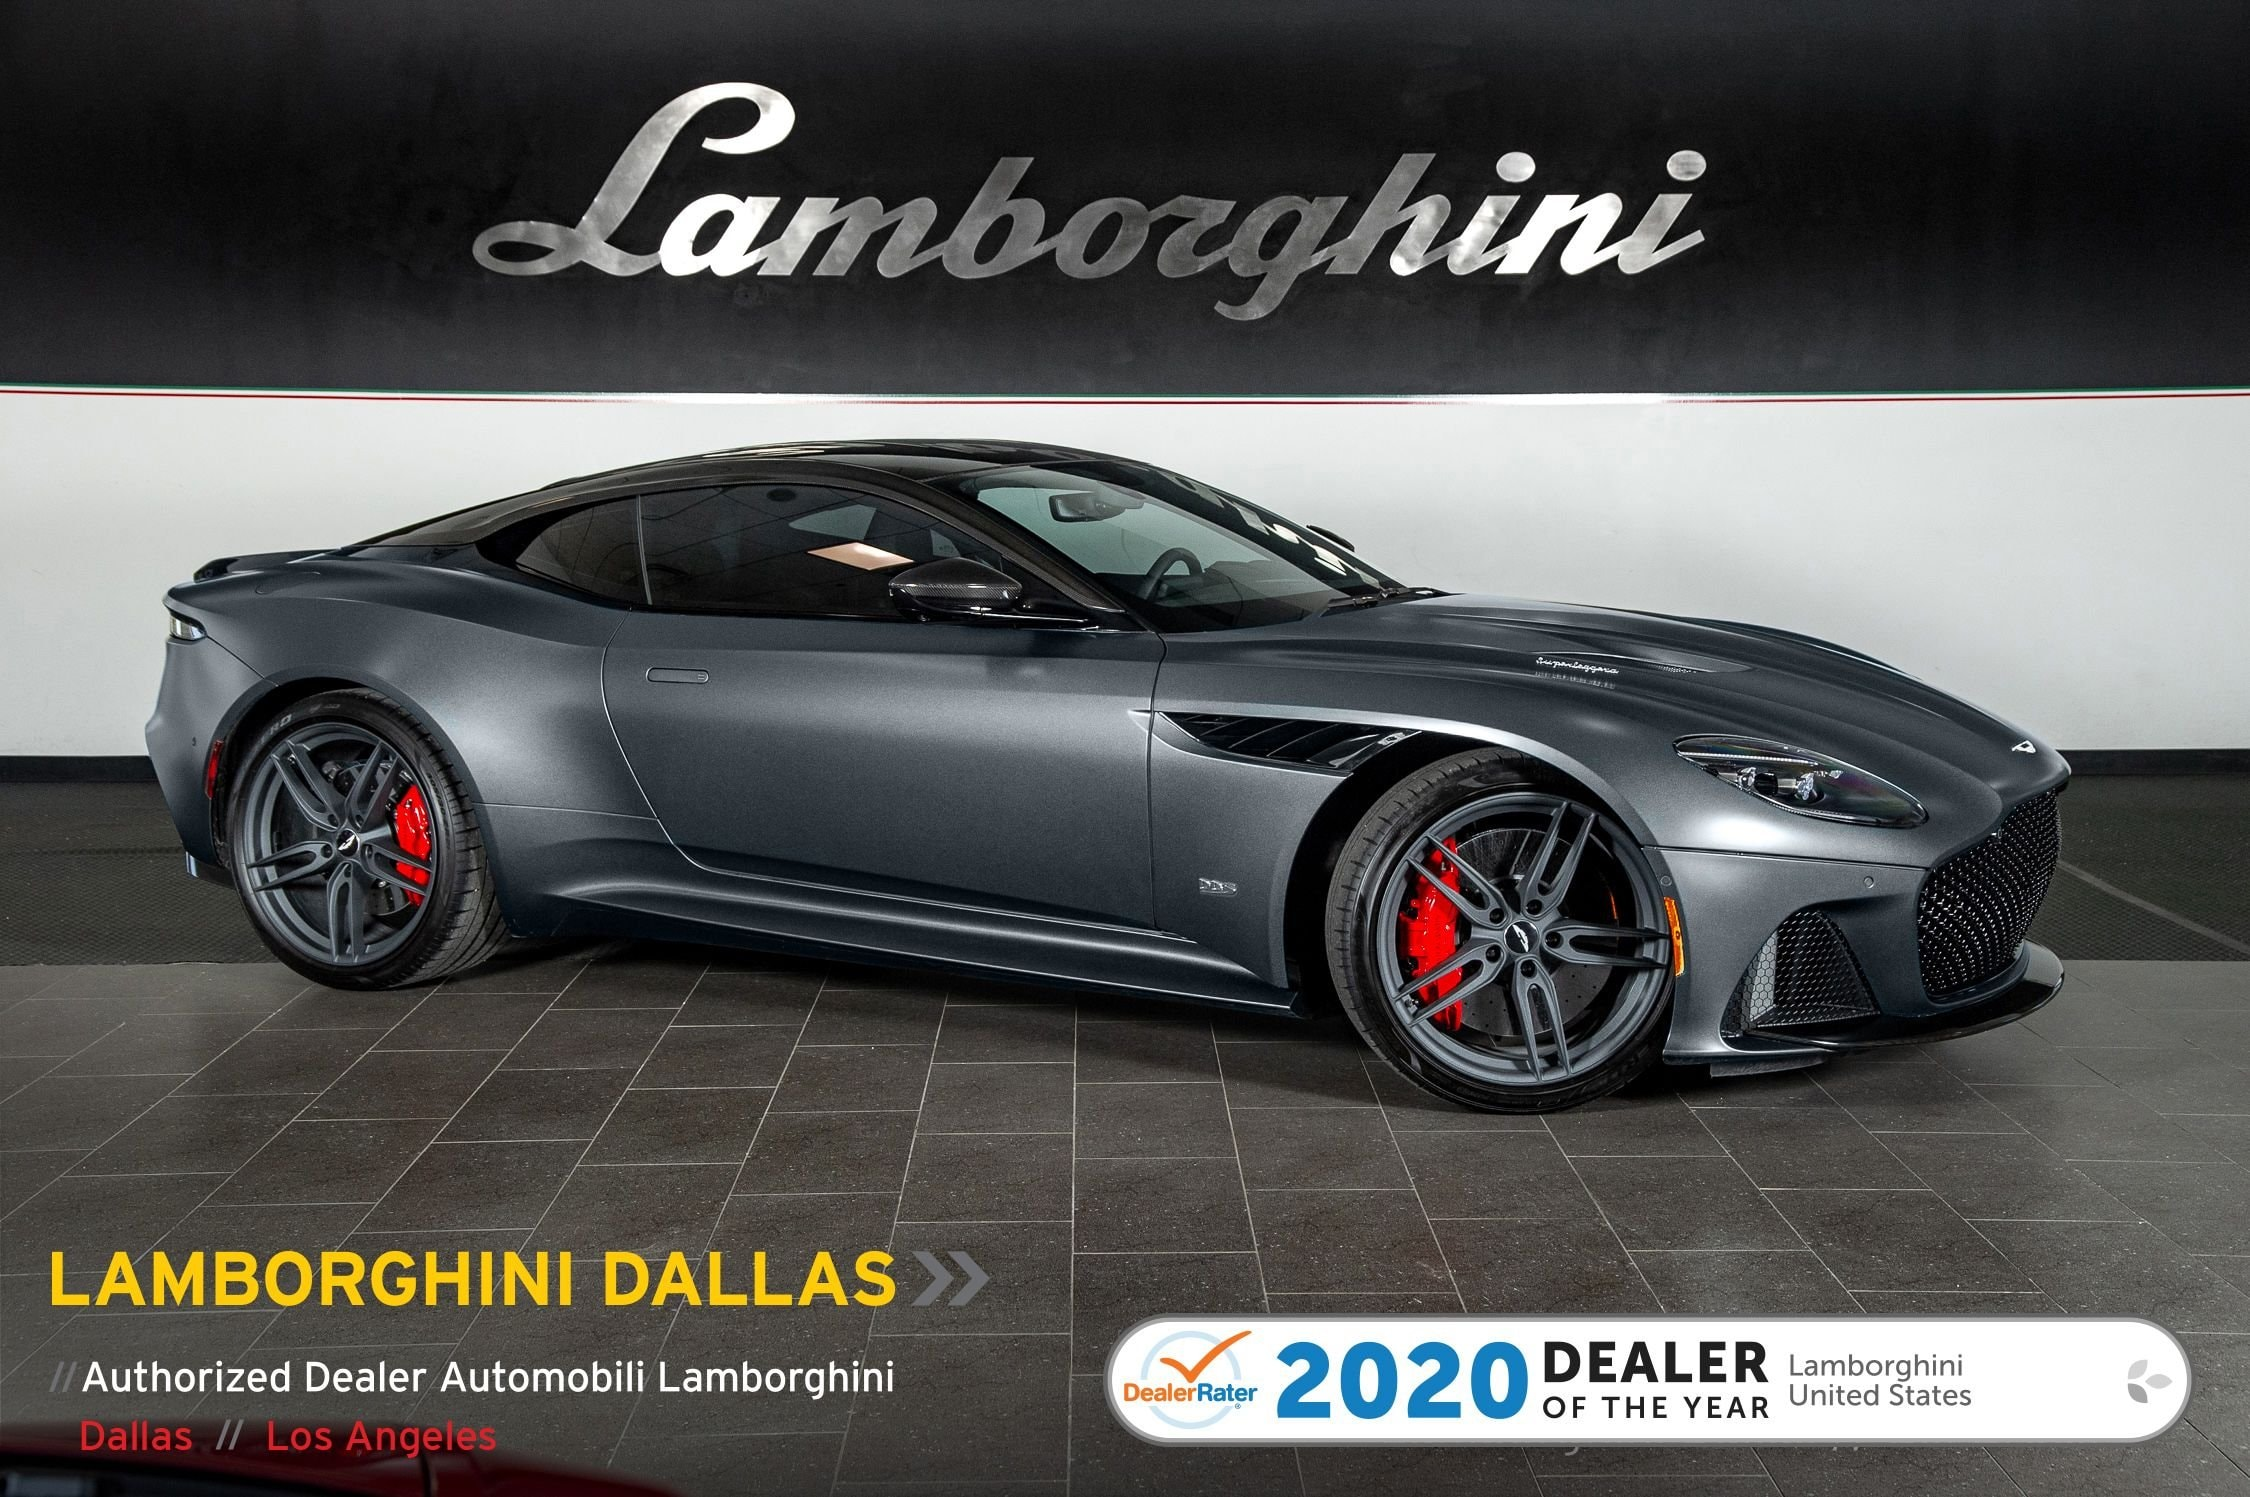 Used 2019 Aston Martin Dbs Superlegerra For Sale Richardson Tx Stock Lc619 Vin Scfrmhav8kgr00838